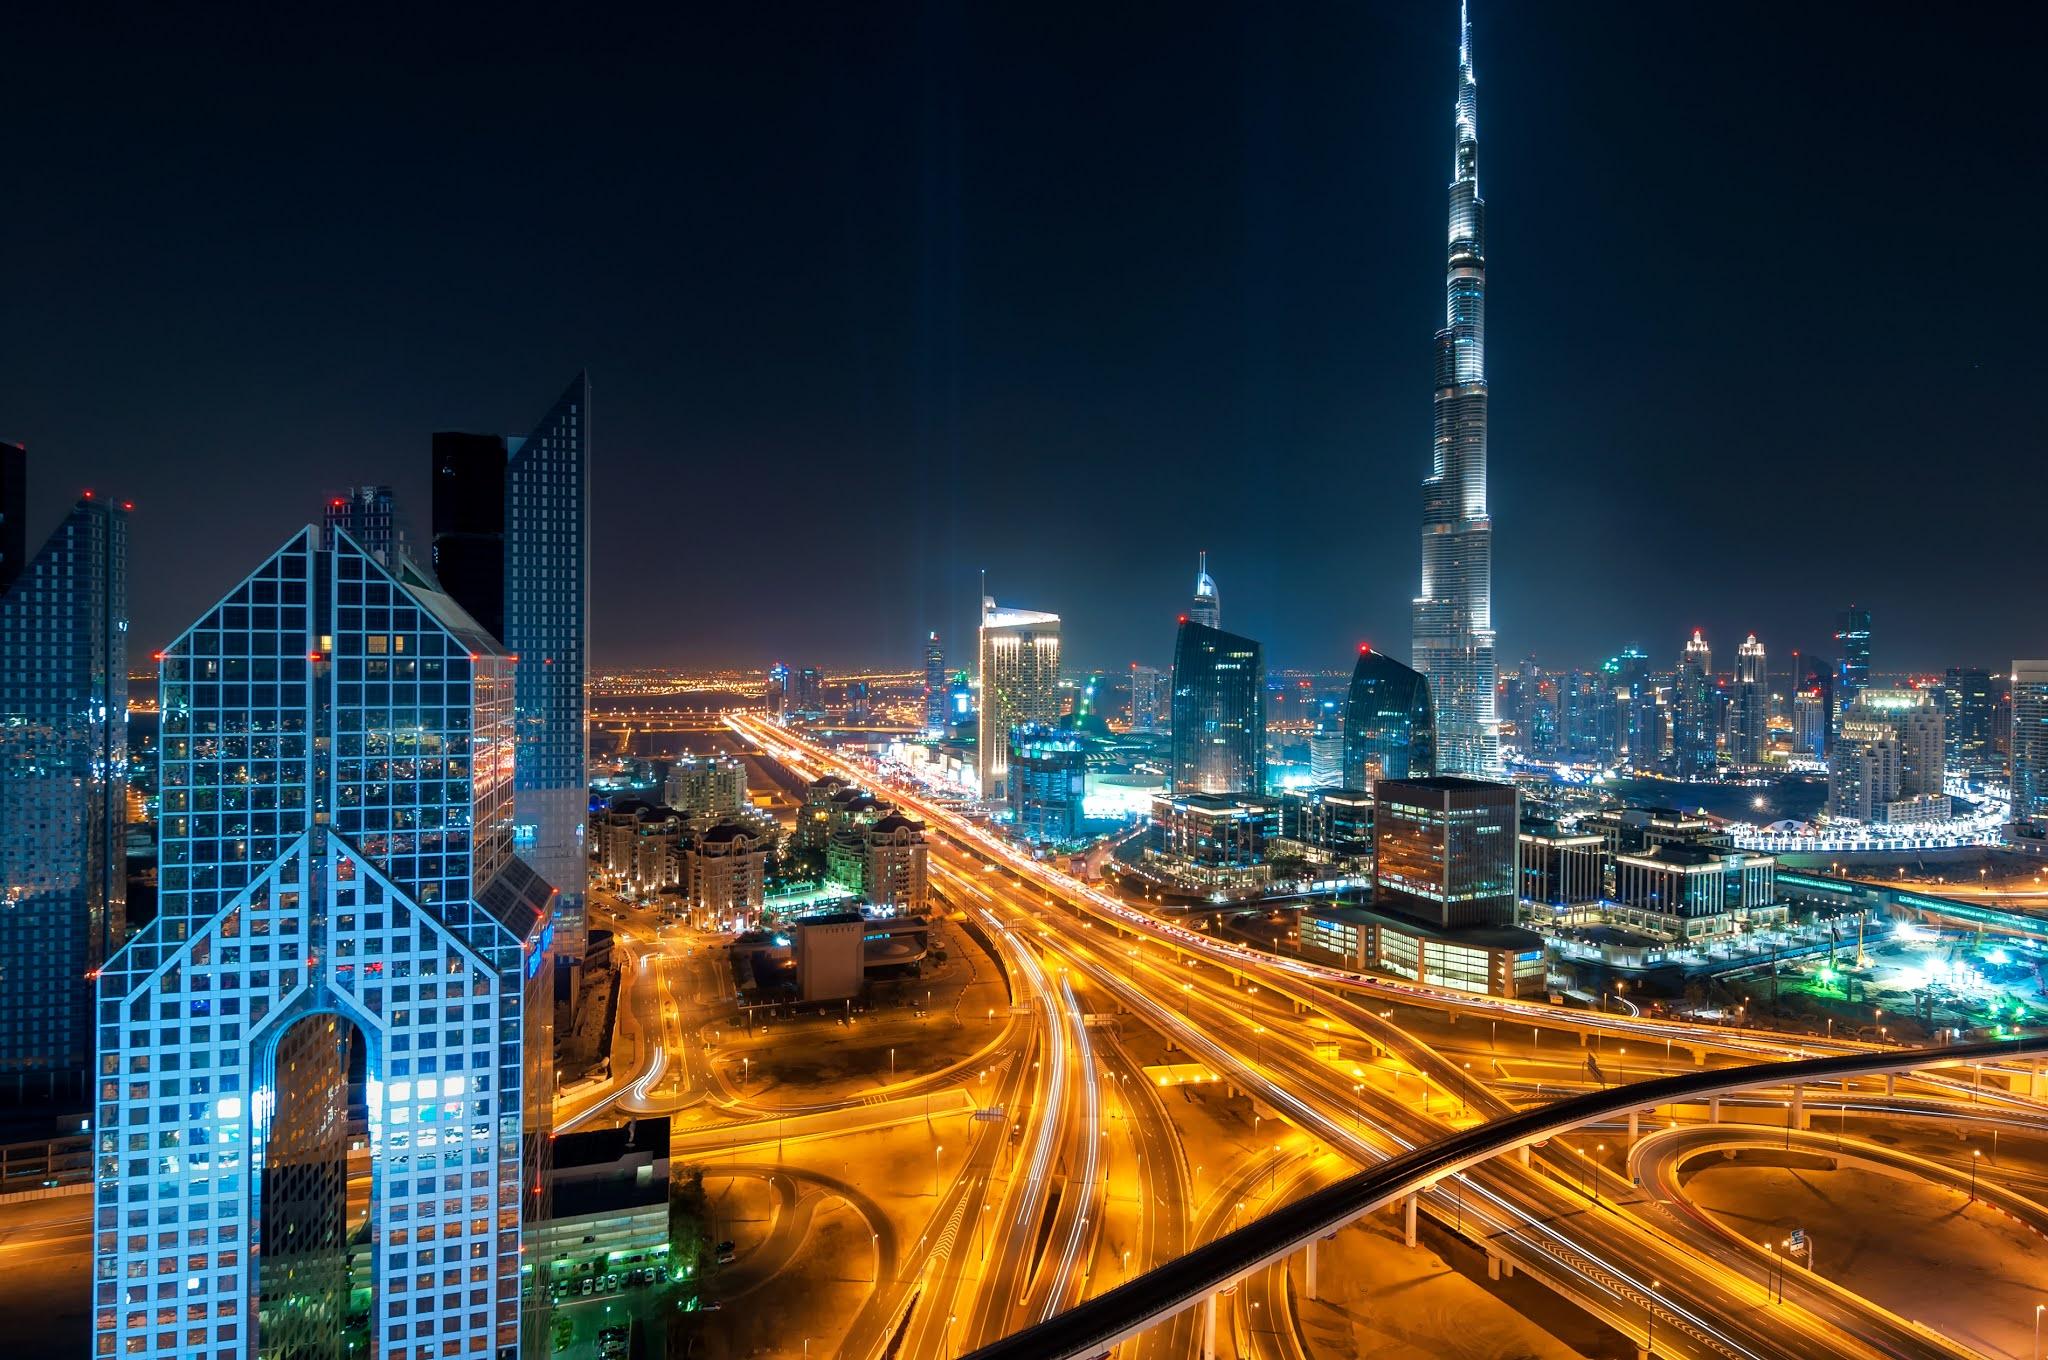 حمدان بن محمد: رؤية محمد بن راشد تحوّل الإمارة إلى مركز للصناعات المتنوعة